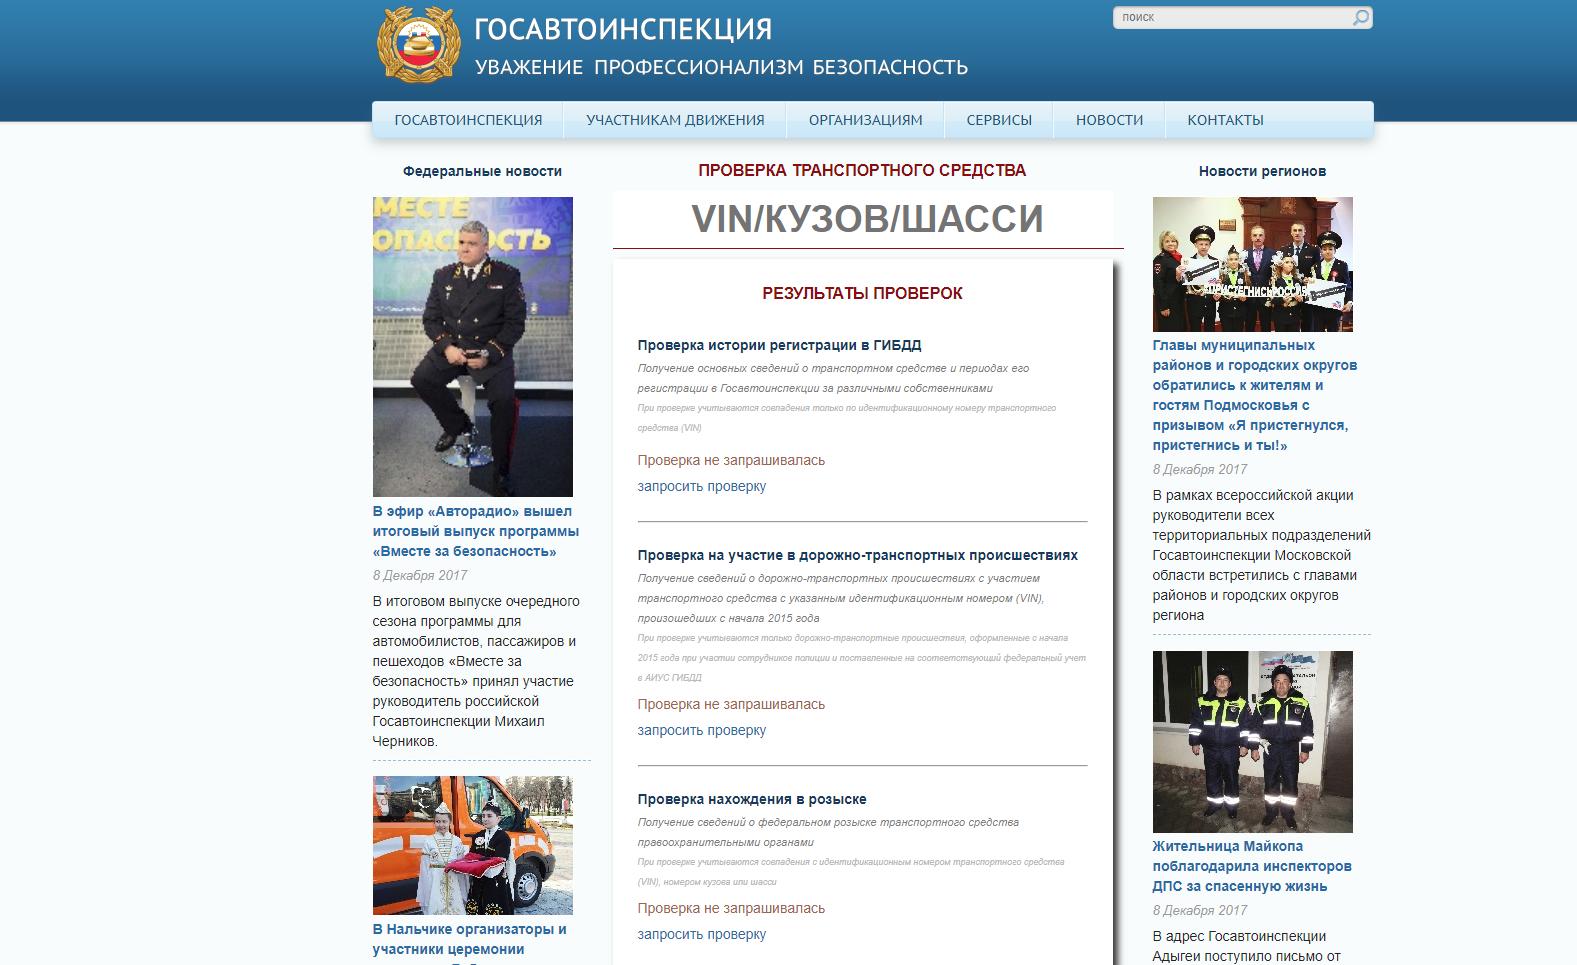 как узнать на кого зарегистрирован автомобиль по гос номеру онлайн россия